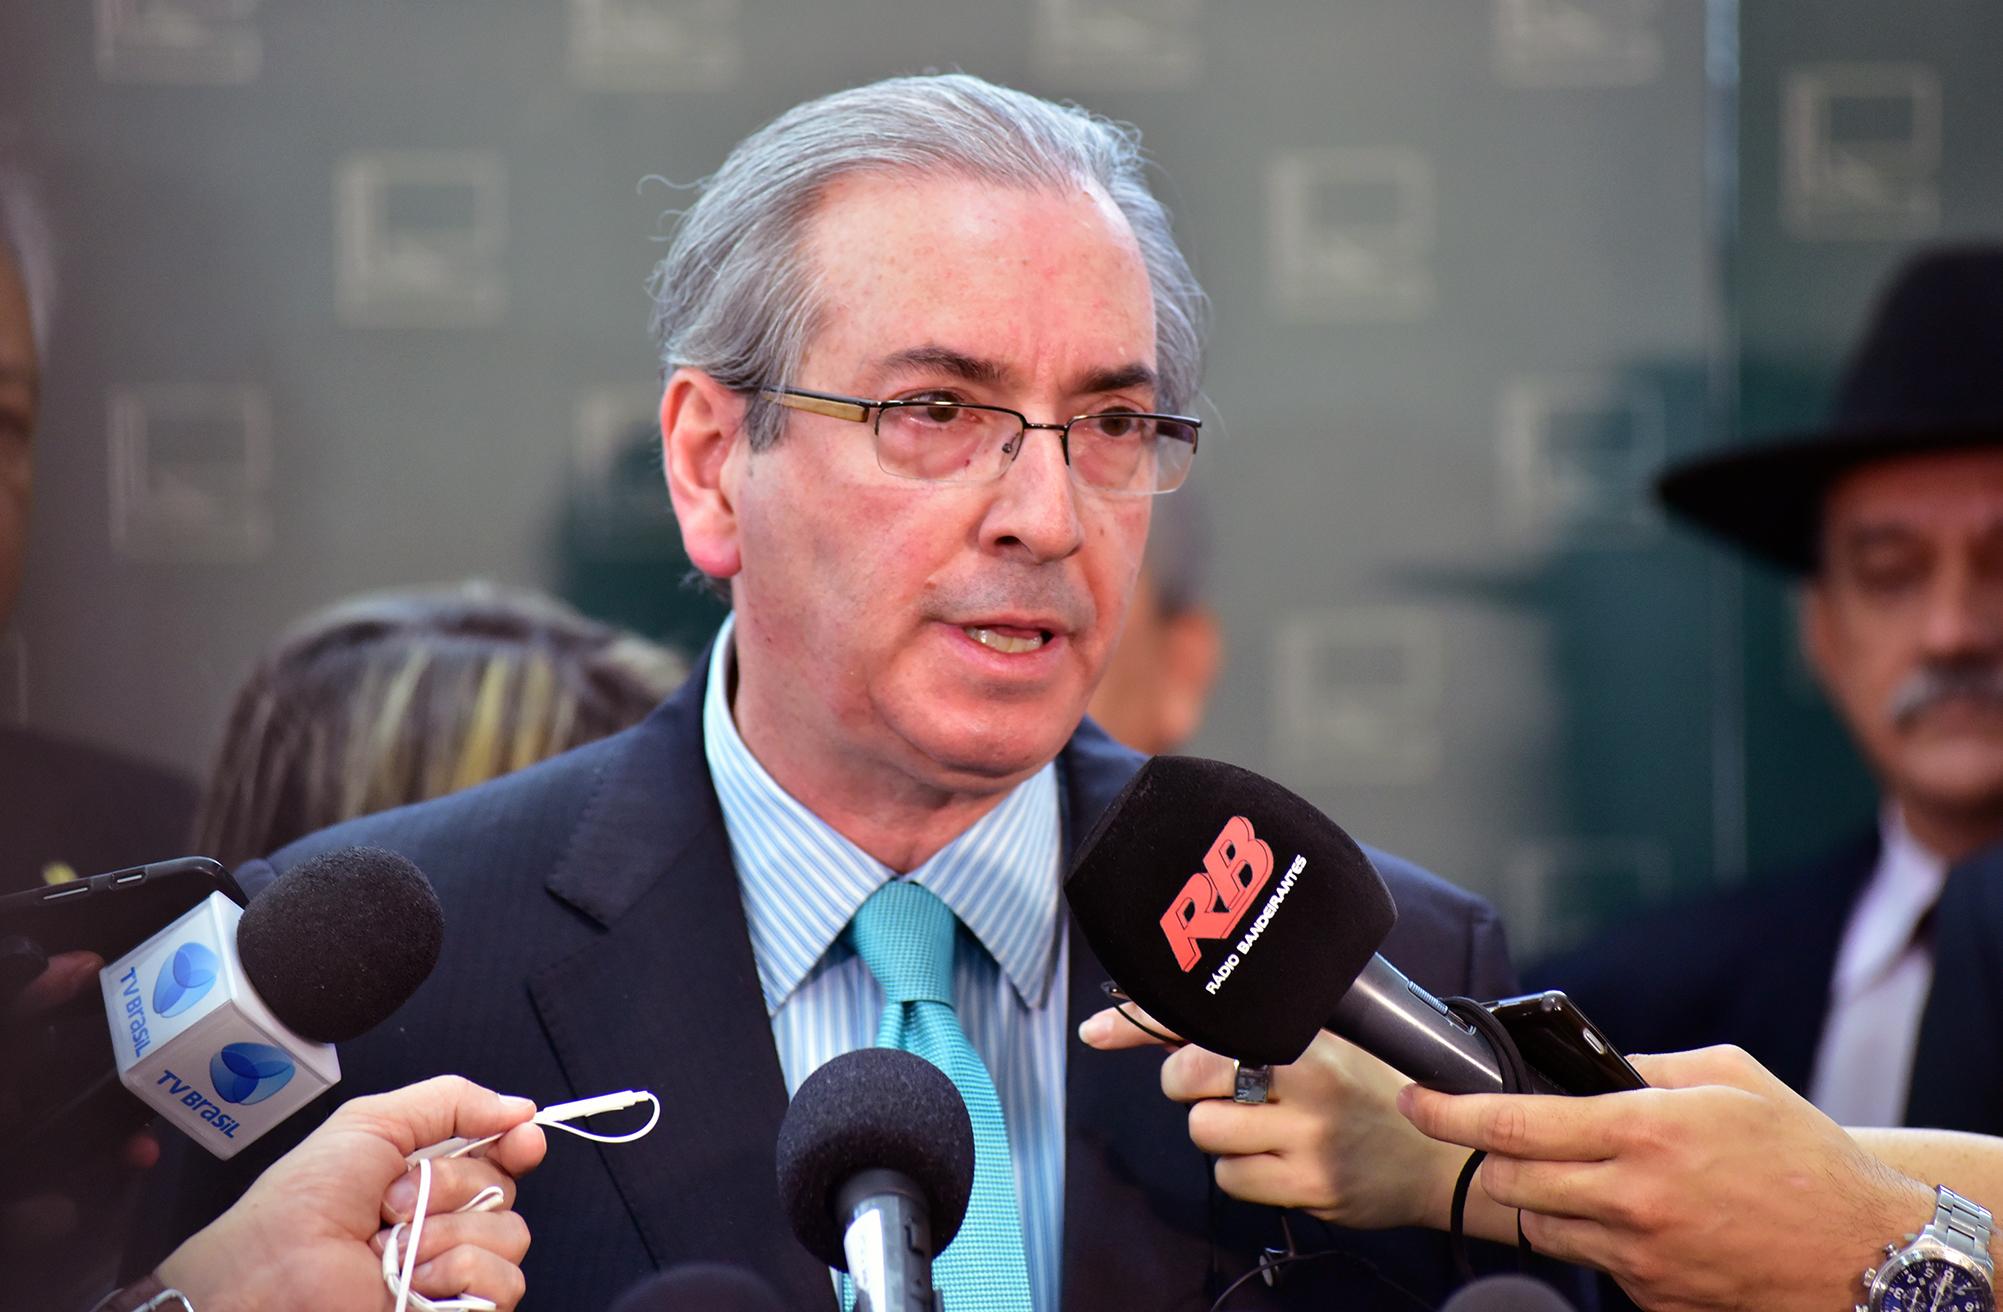 Parecer sobre Eduardo Cunha (PMDB) será entregue hoje ao Conselho de Ética da Câmara